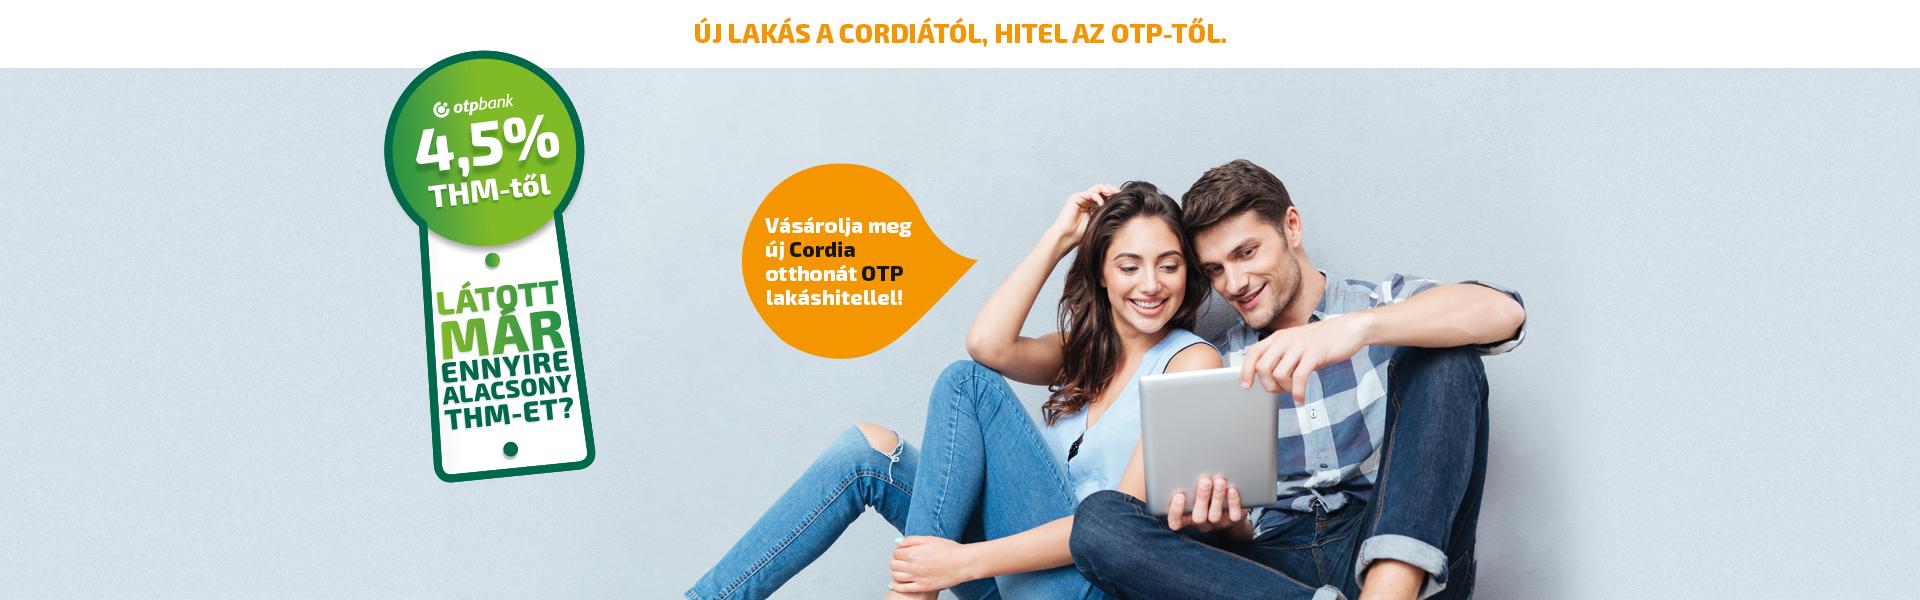 cordia_lakashitel_slider_4,5% thm 1920x600_20210604